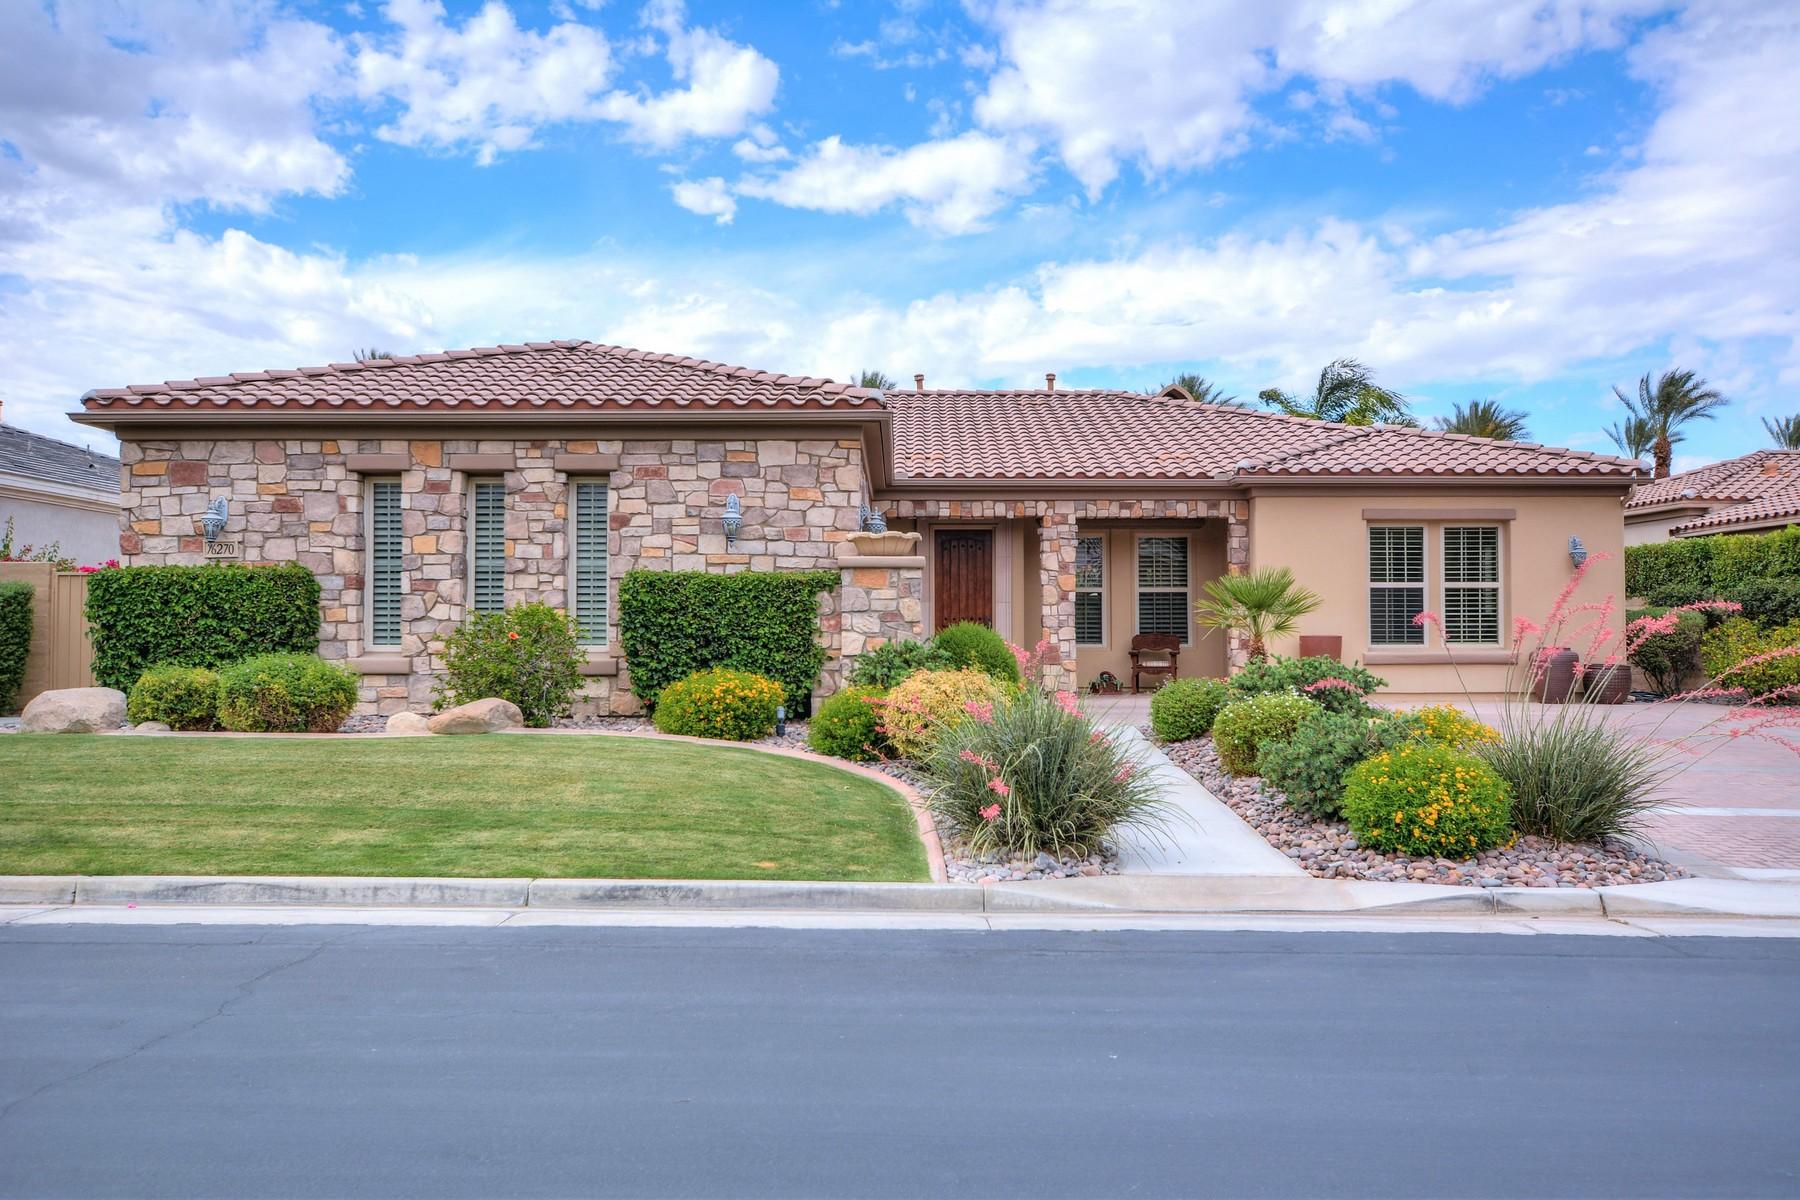 Maison unifamiliale pour l Vente à 73270 Via Montelena Indian Wells, Californie, 92210 États-Unis